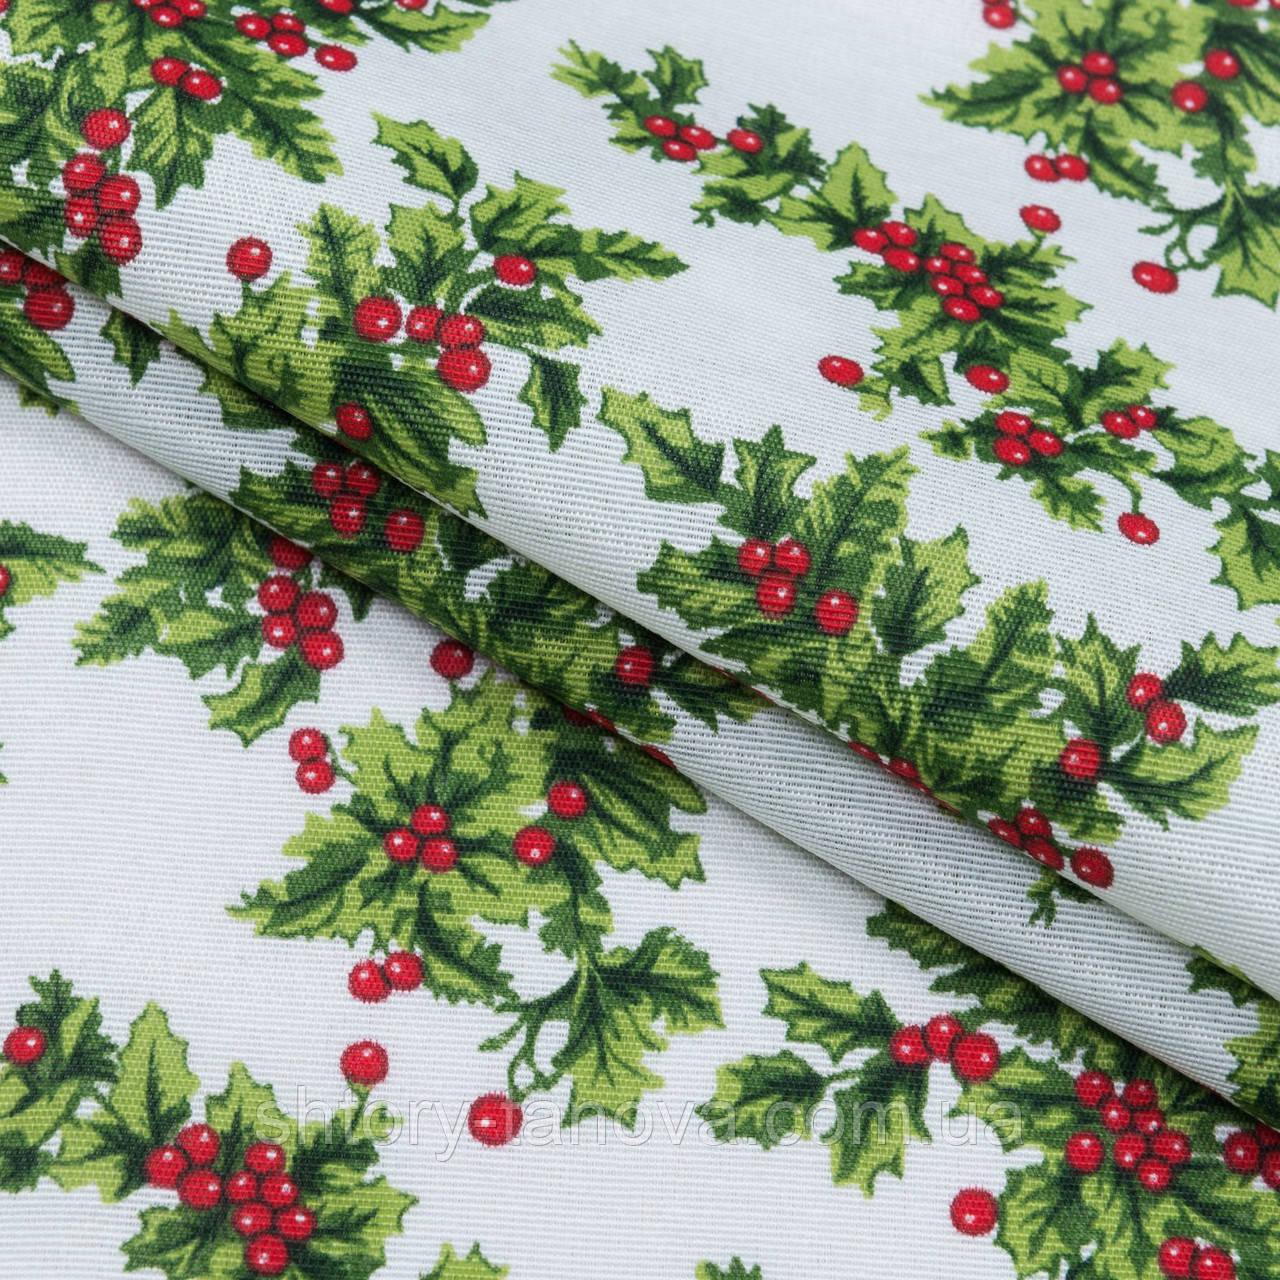 Ткань новогодняя венок фон белый